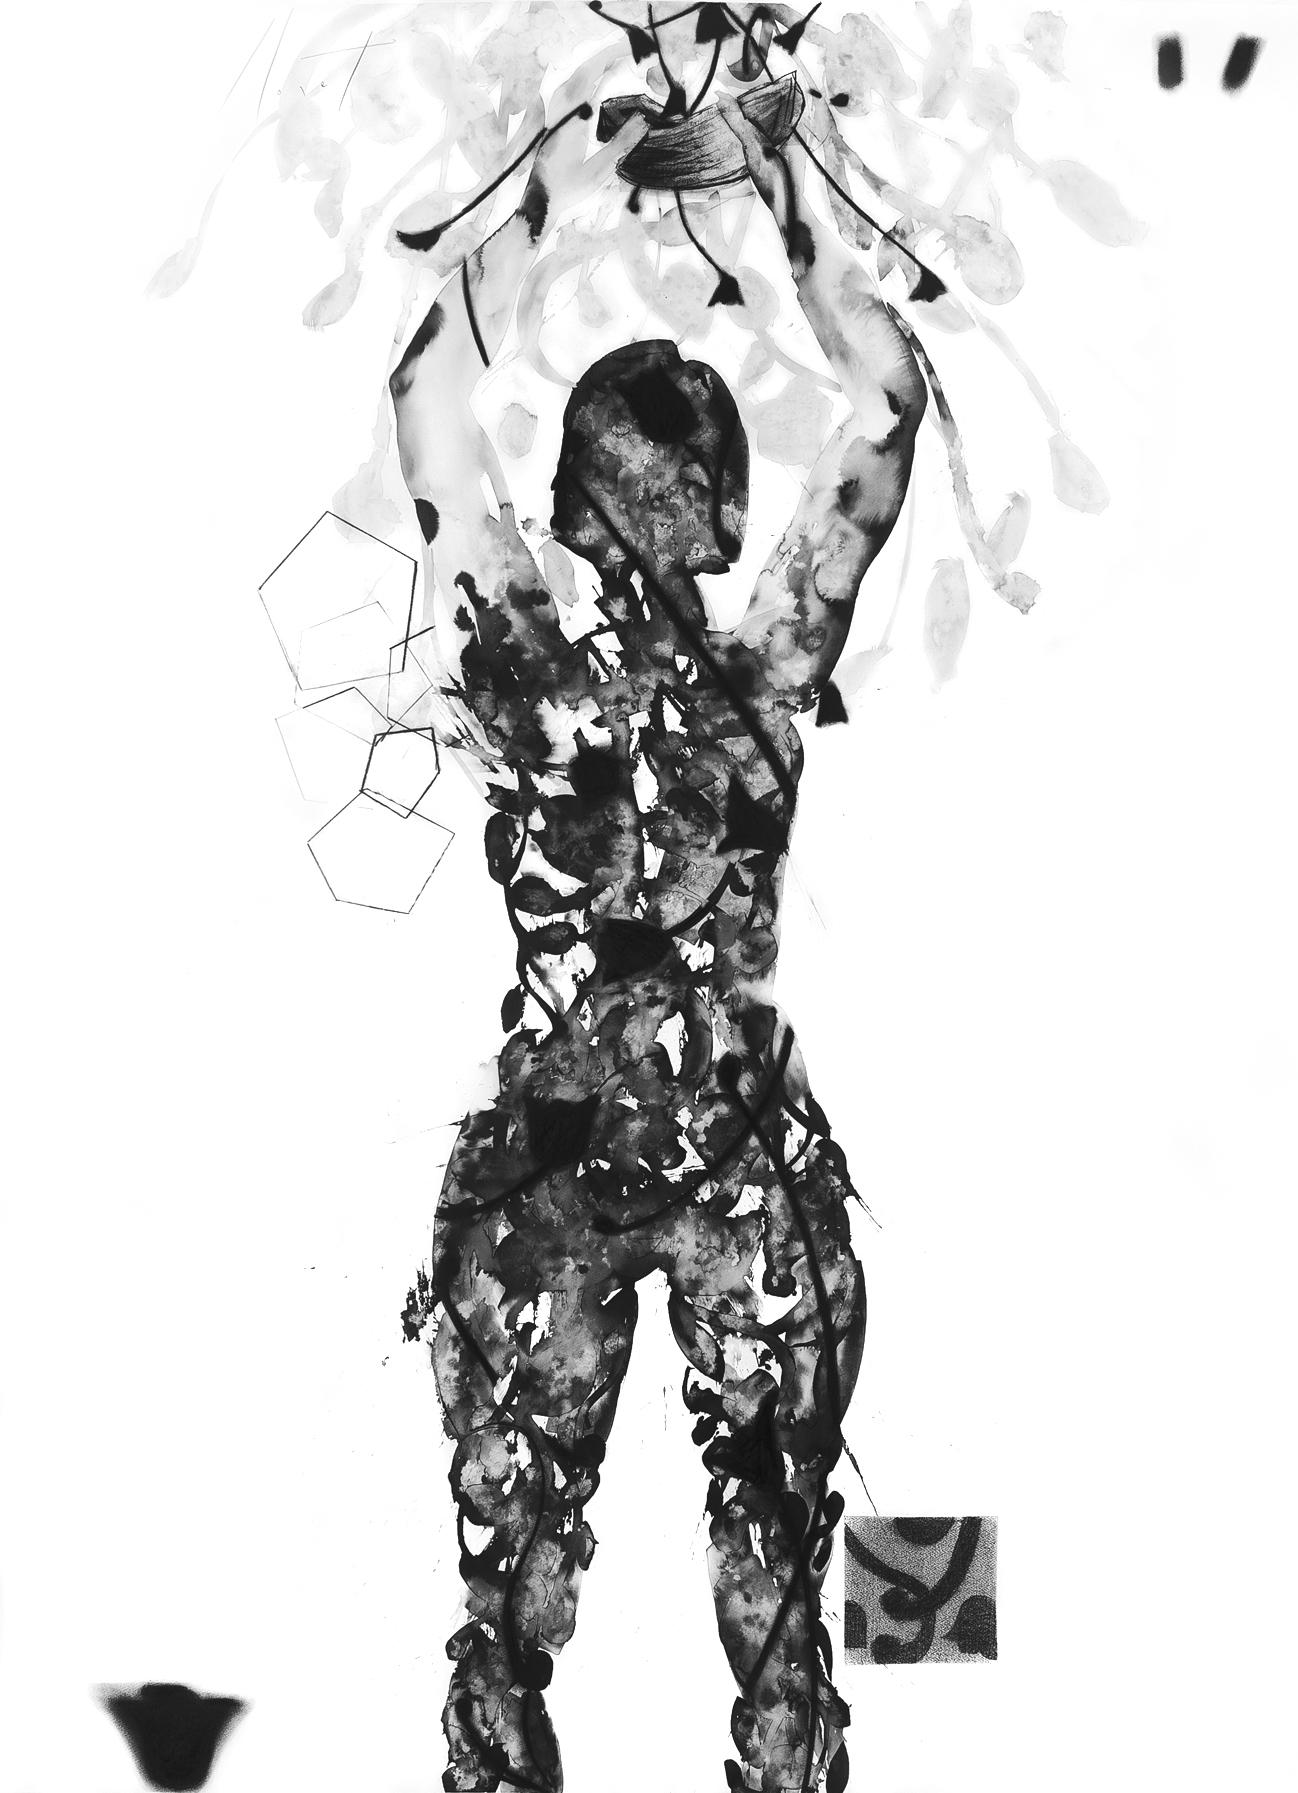 Oferenda  nanquim pastel carvao sobre papel 190X140cm 2013